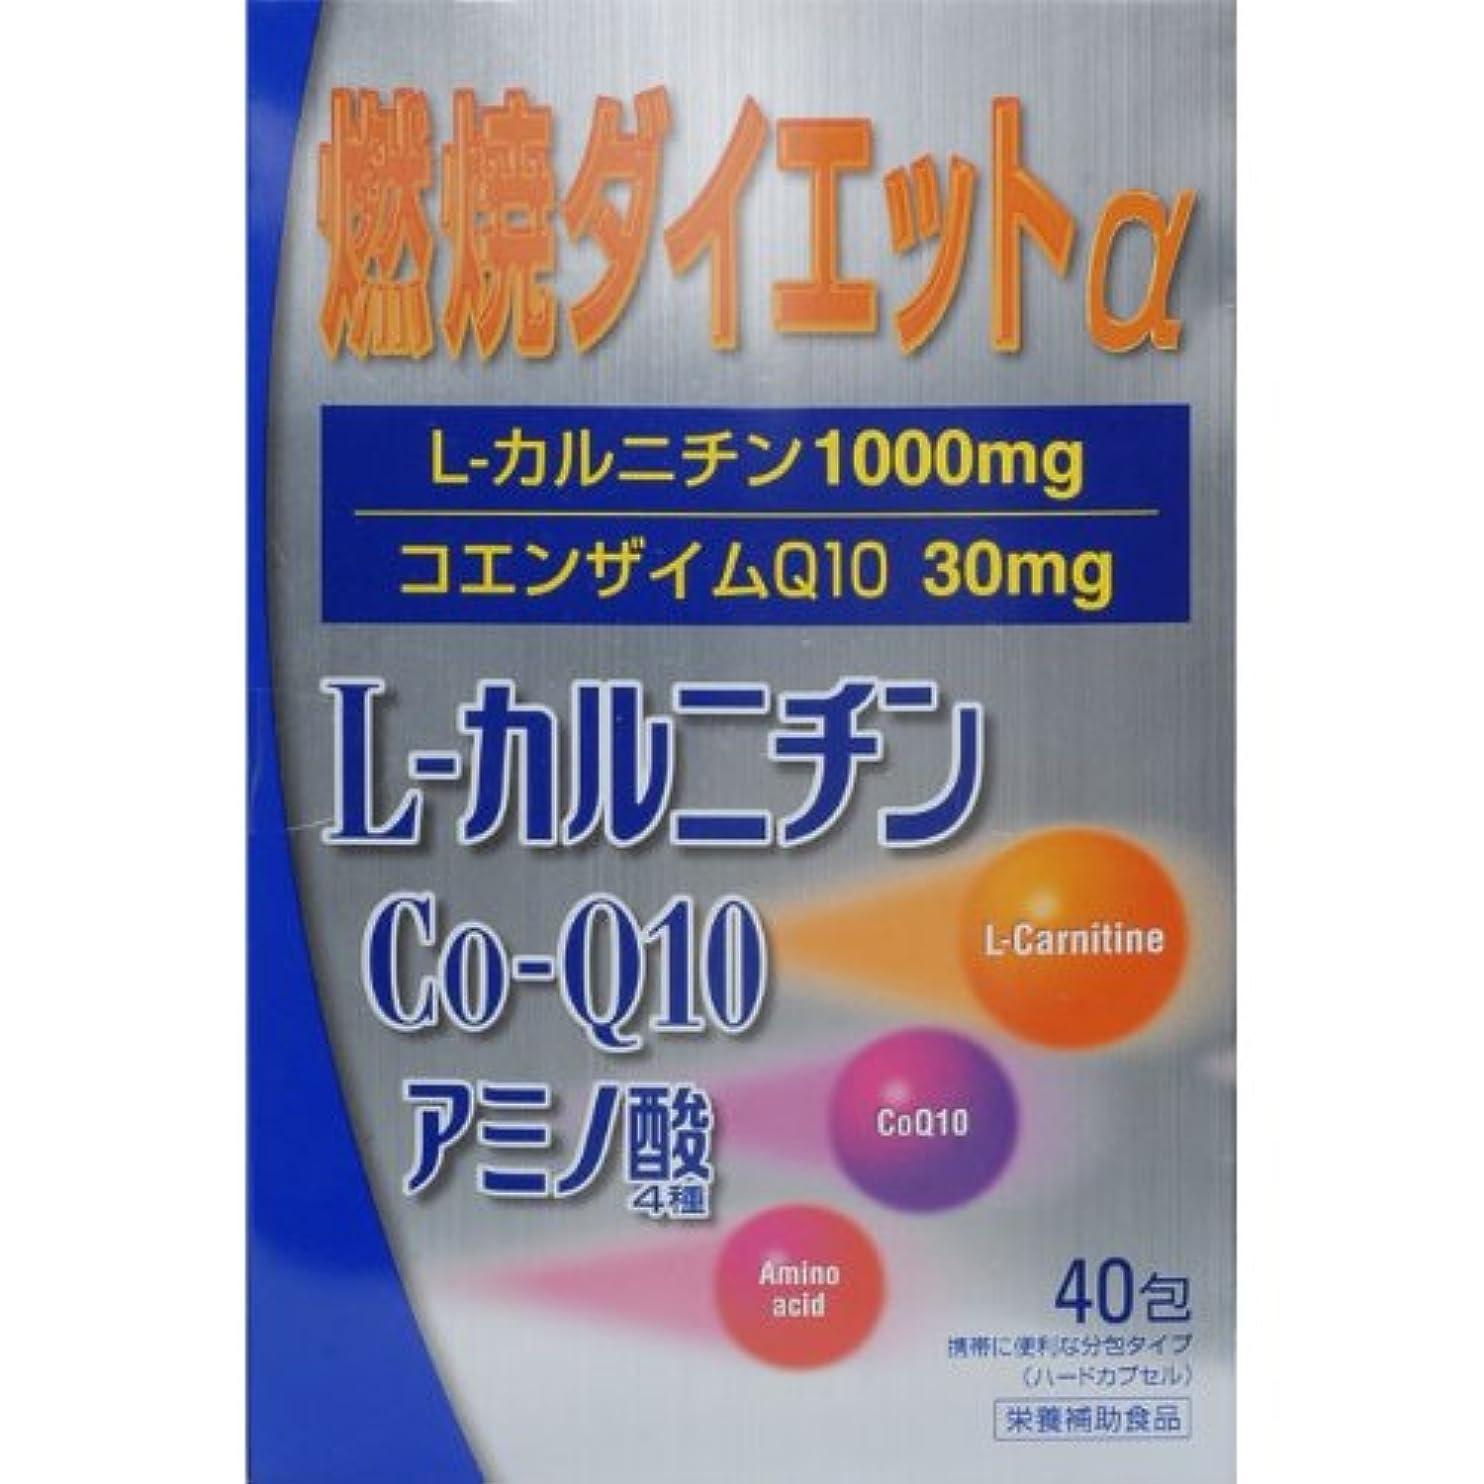 順応性のある我慢するシンプトン燃焼ダイエットL‐カルニチンα 40包